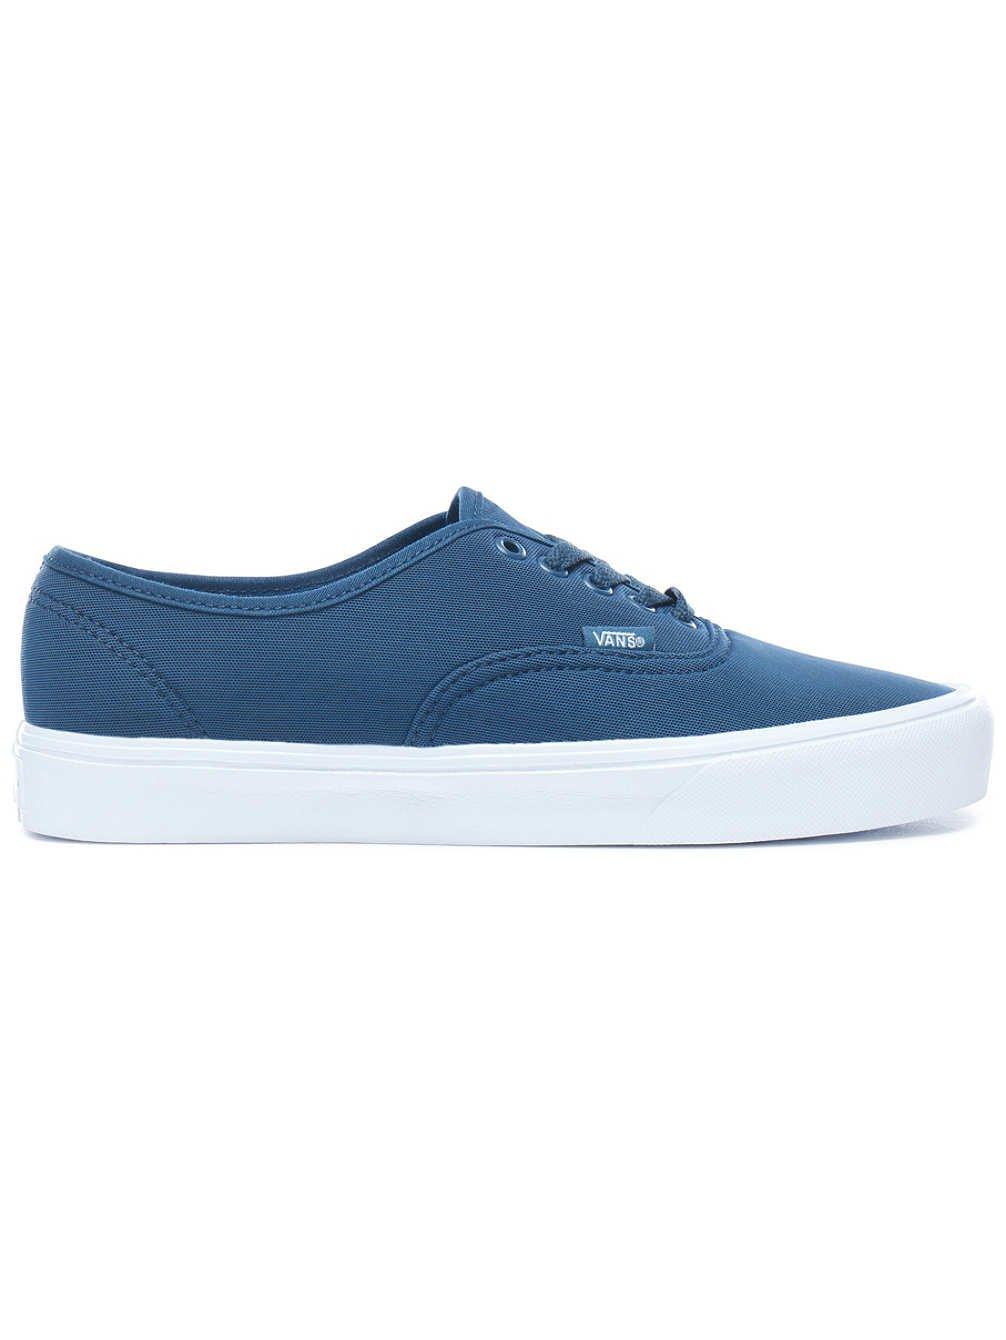 Vans Sneaker Men Neo Perf Authentic Lite Sneakers: Amazon.co